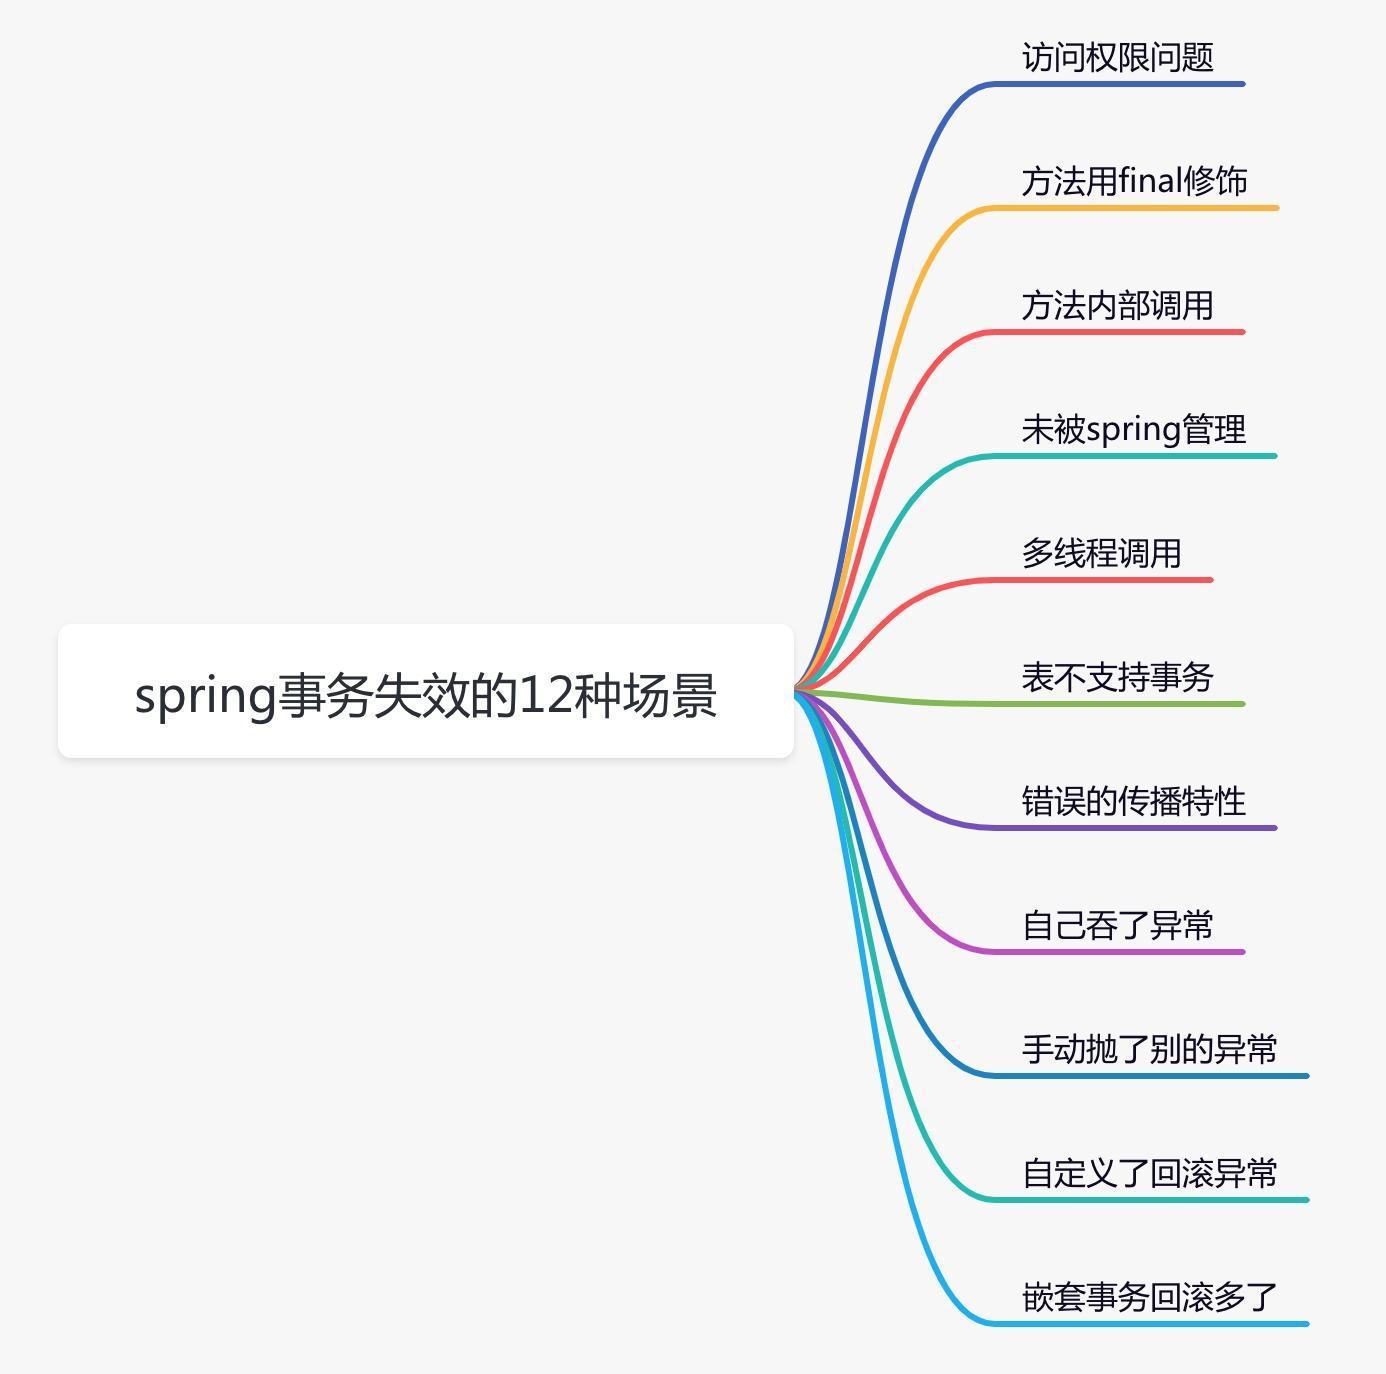 聊聊spring事務失效的12種場景,太坑了